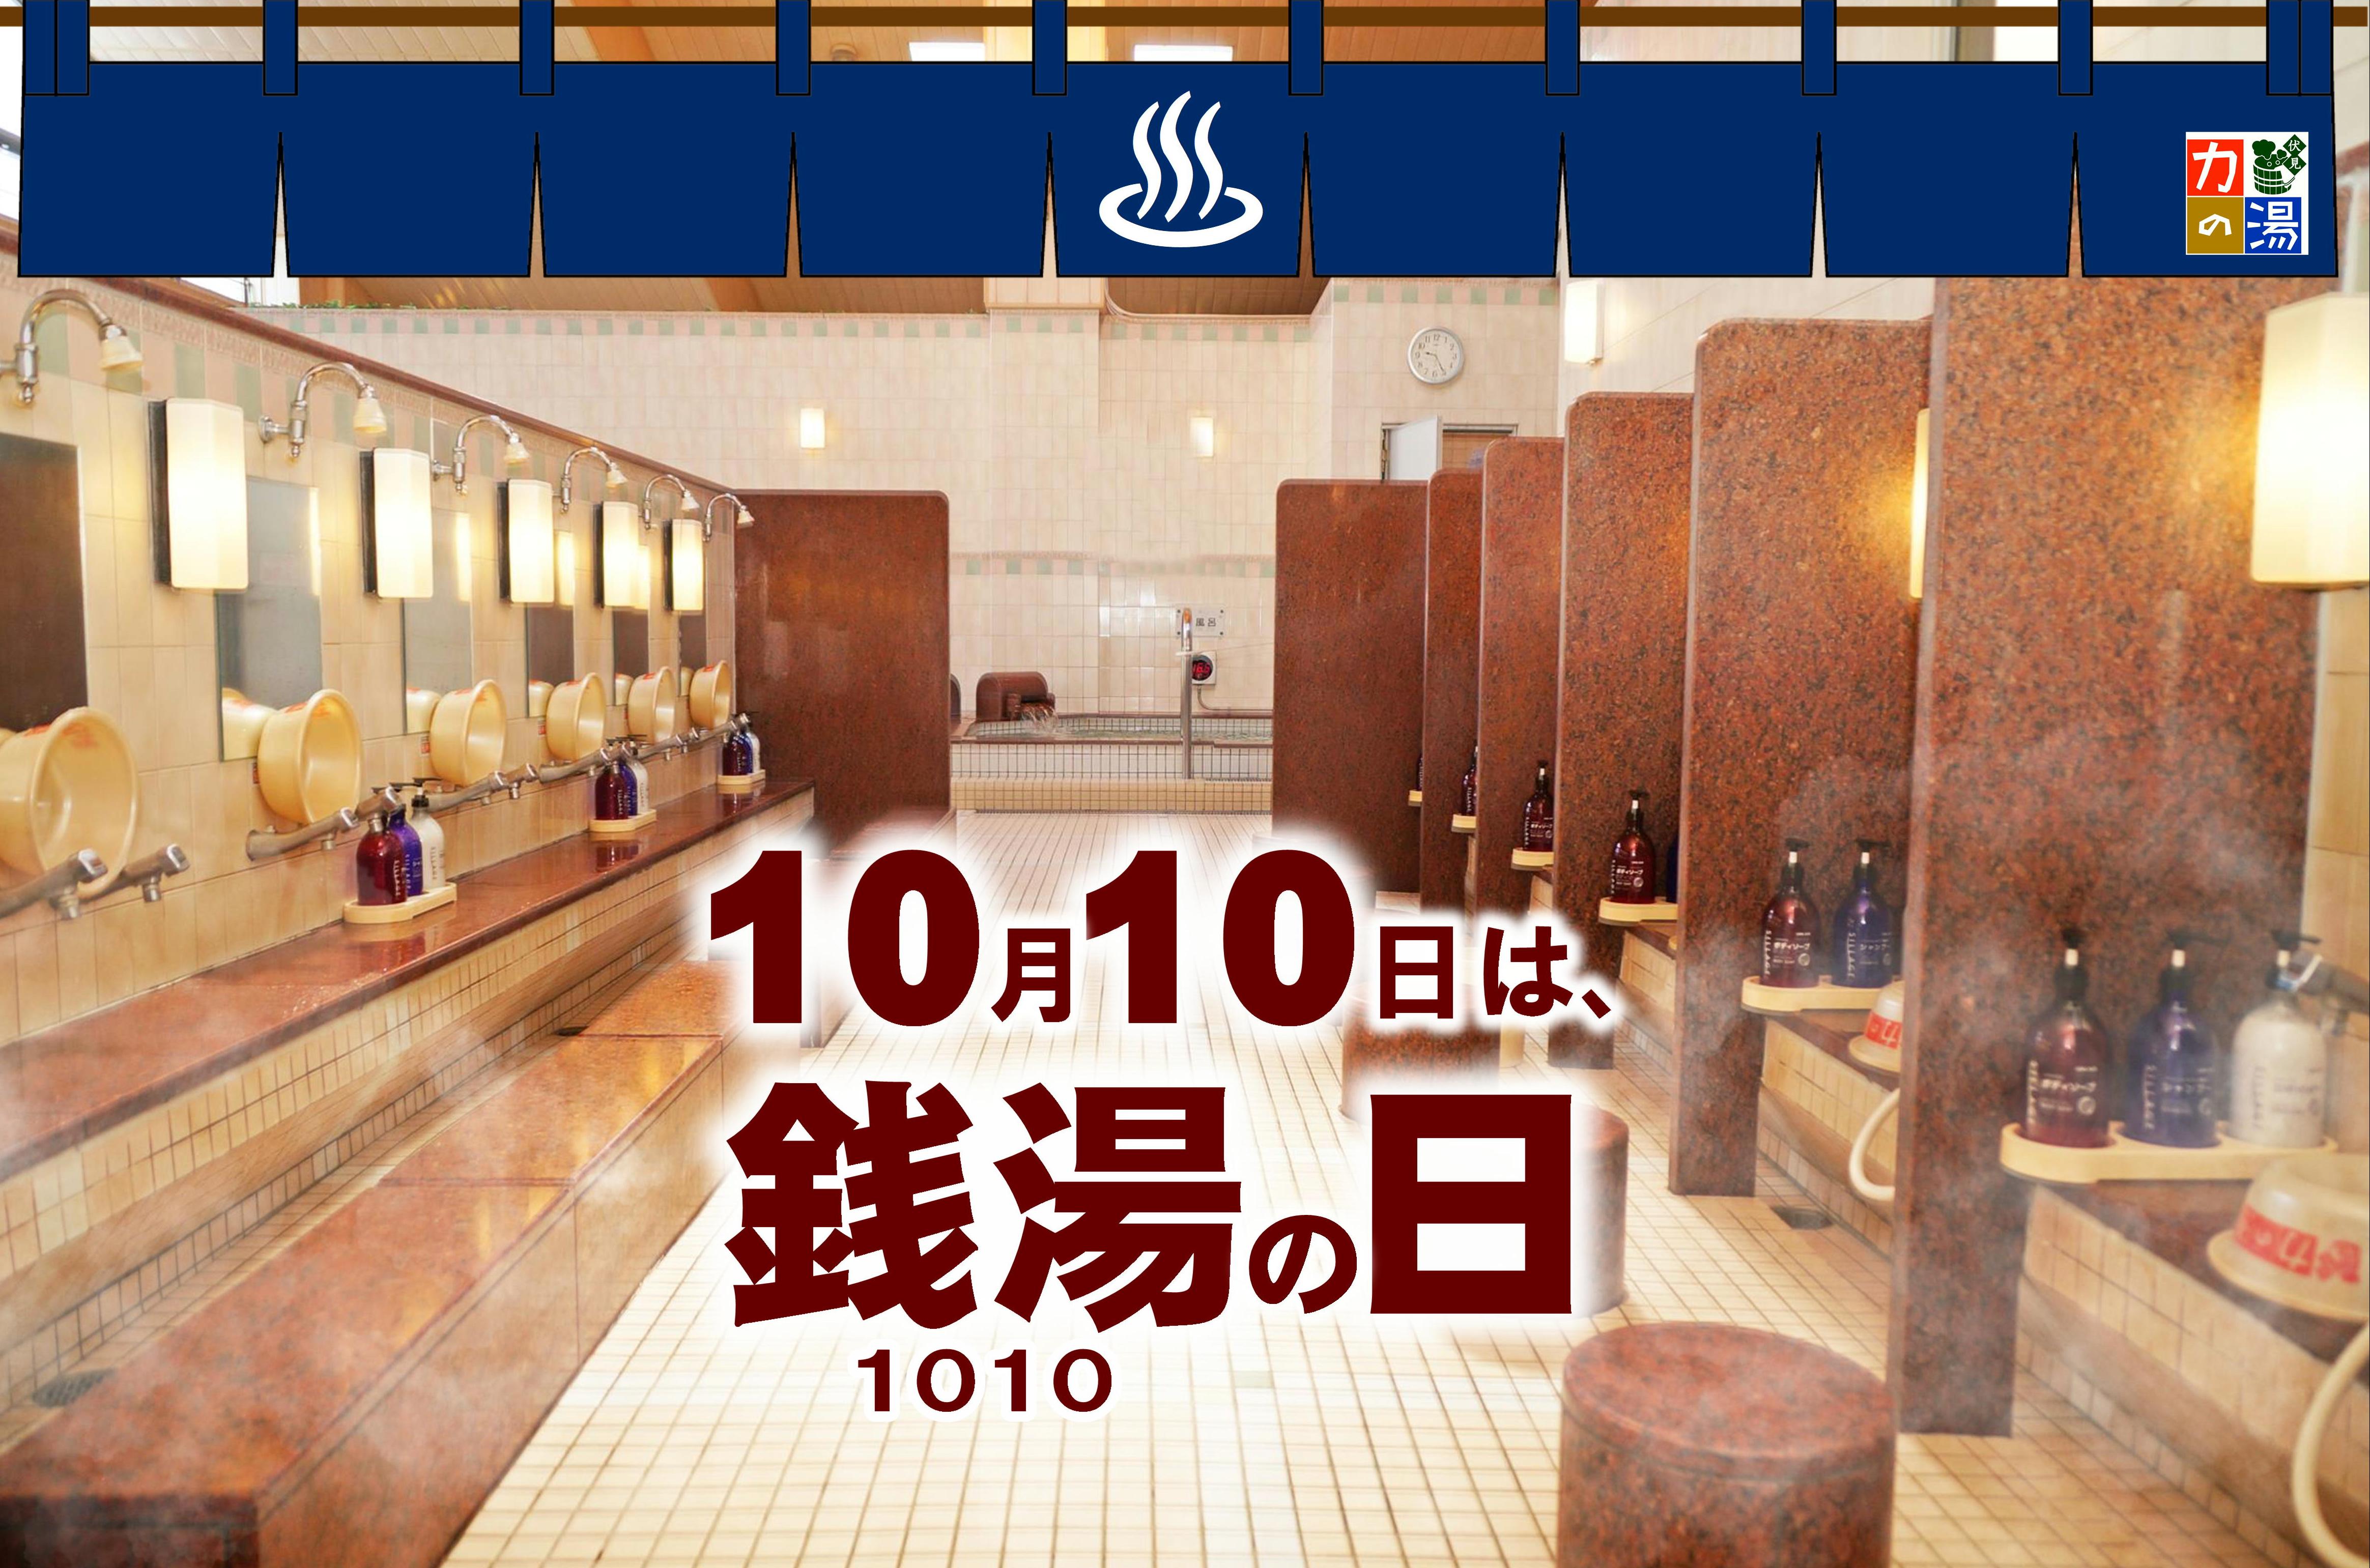 10月10日は銭湯の日